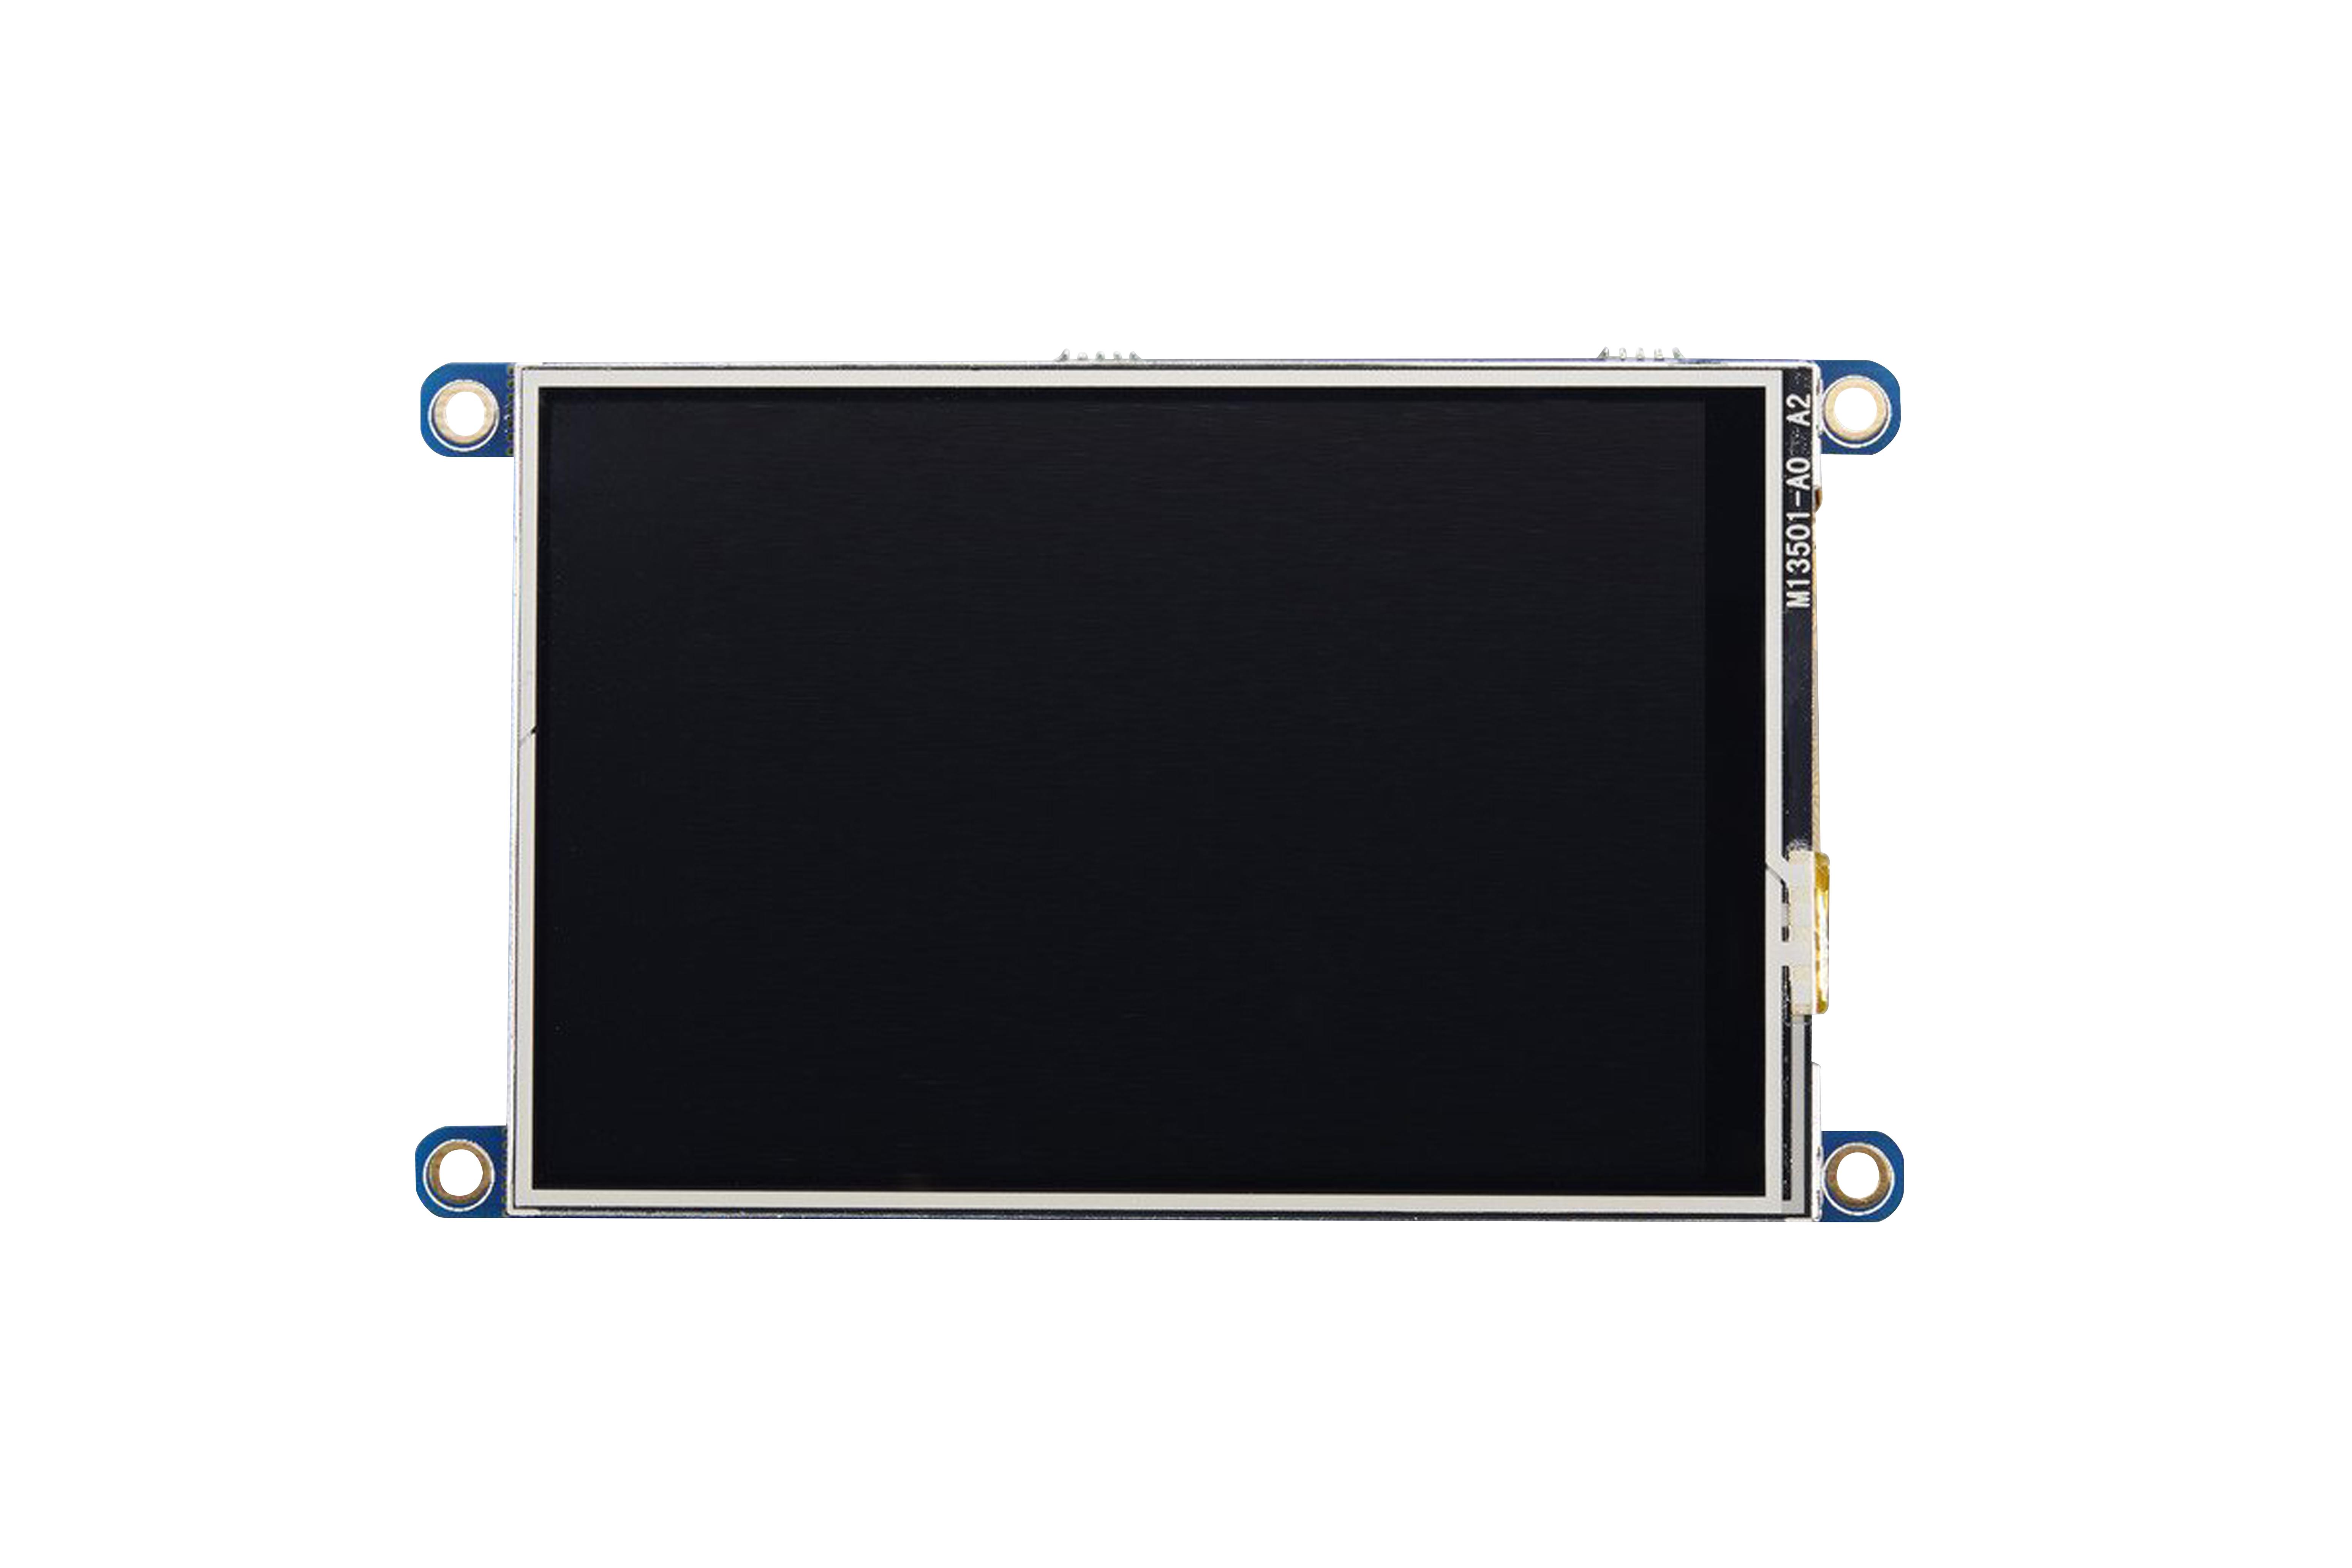 PiTFT Plus 3.5 Raspberry Pi Touchscreen